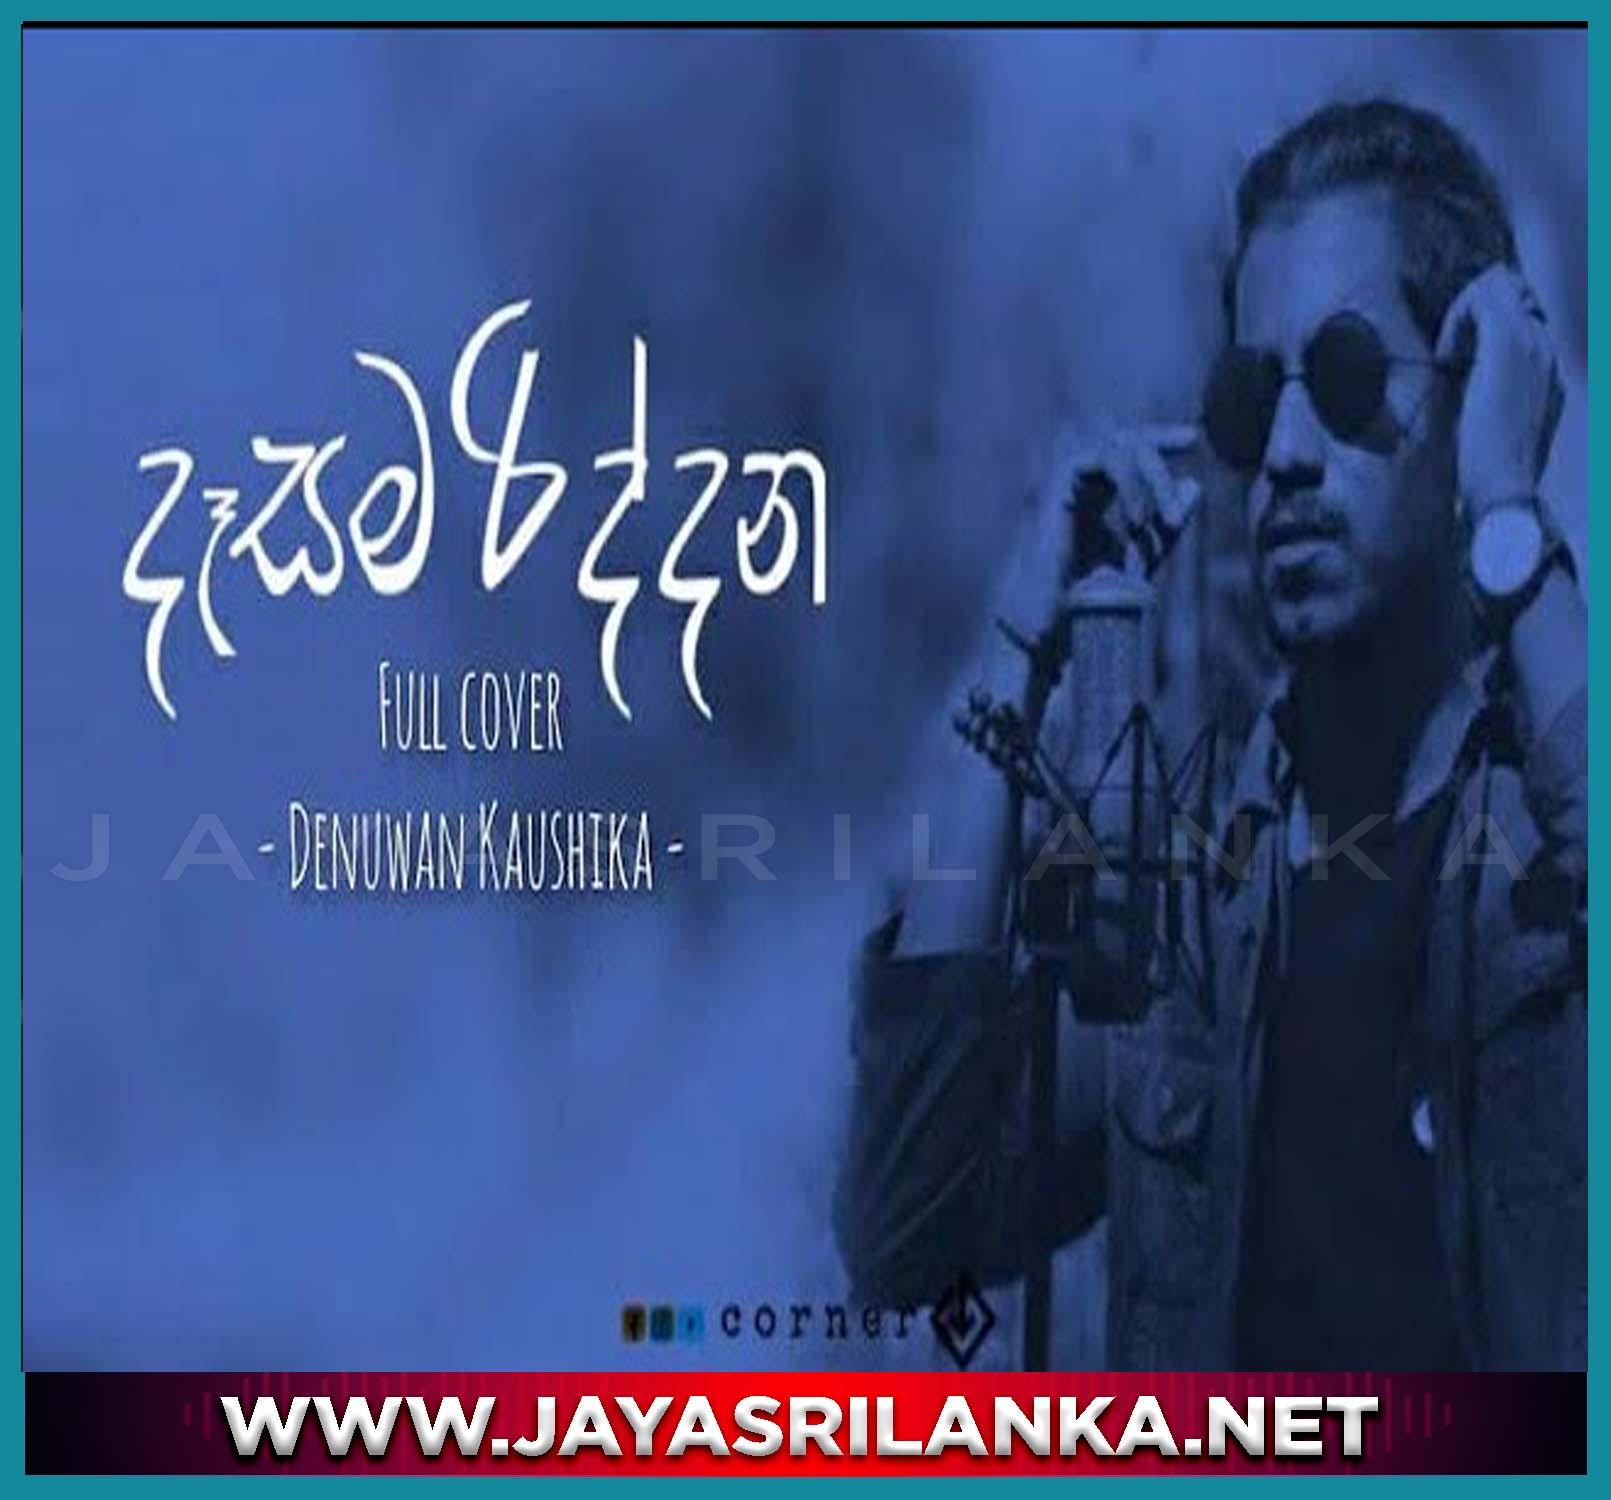 Dasama Riddana Sinhala Cover Song